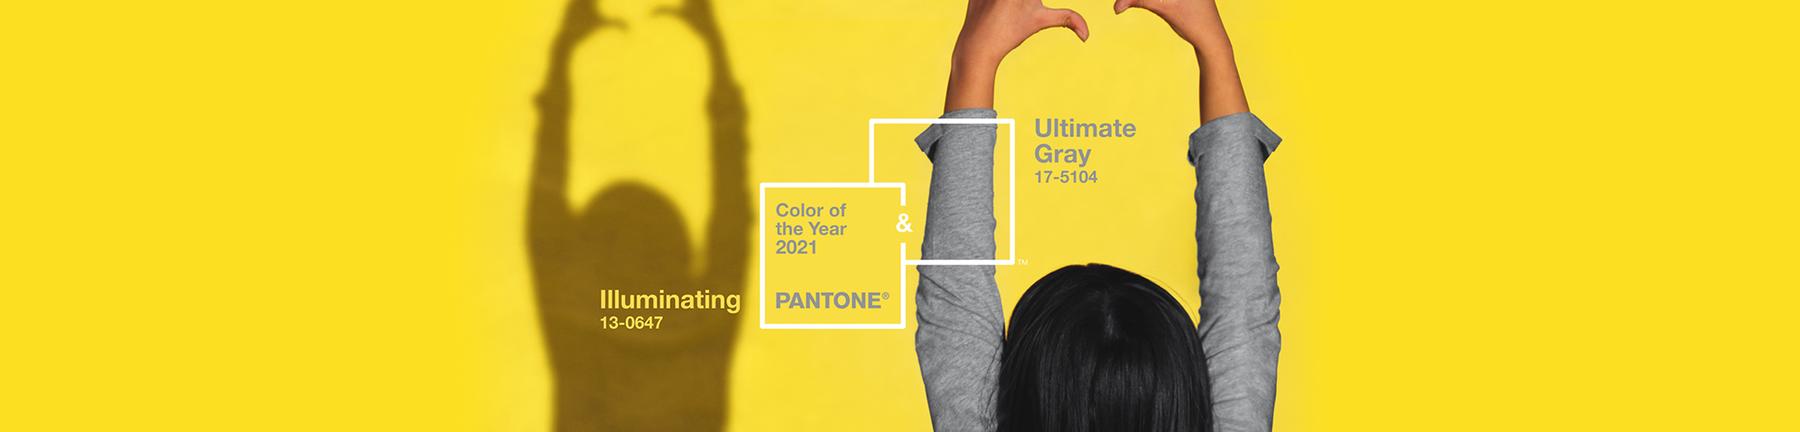 Pantone-kleur van het jaar 2021 is onthuld!